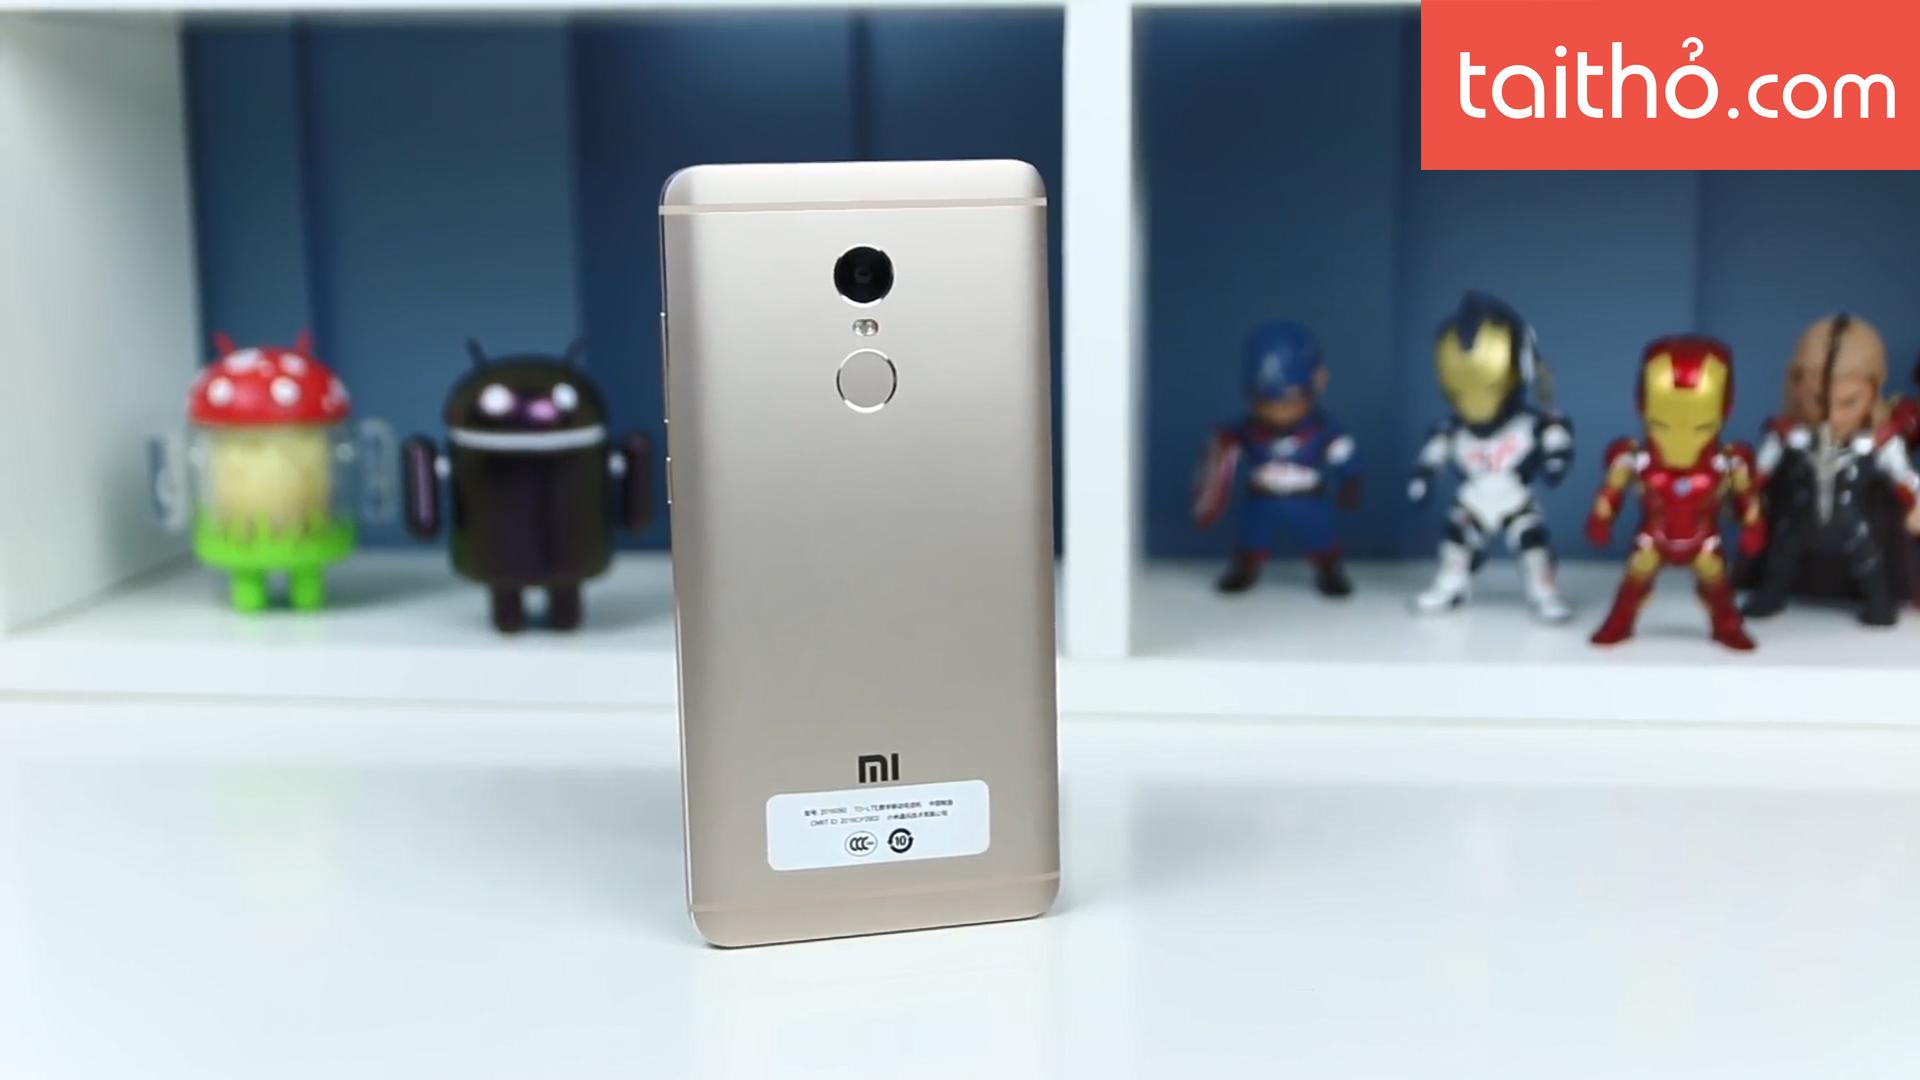 Đánh giá chi tiết Xiaomi Redmi Note 4 - Ảnh 2